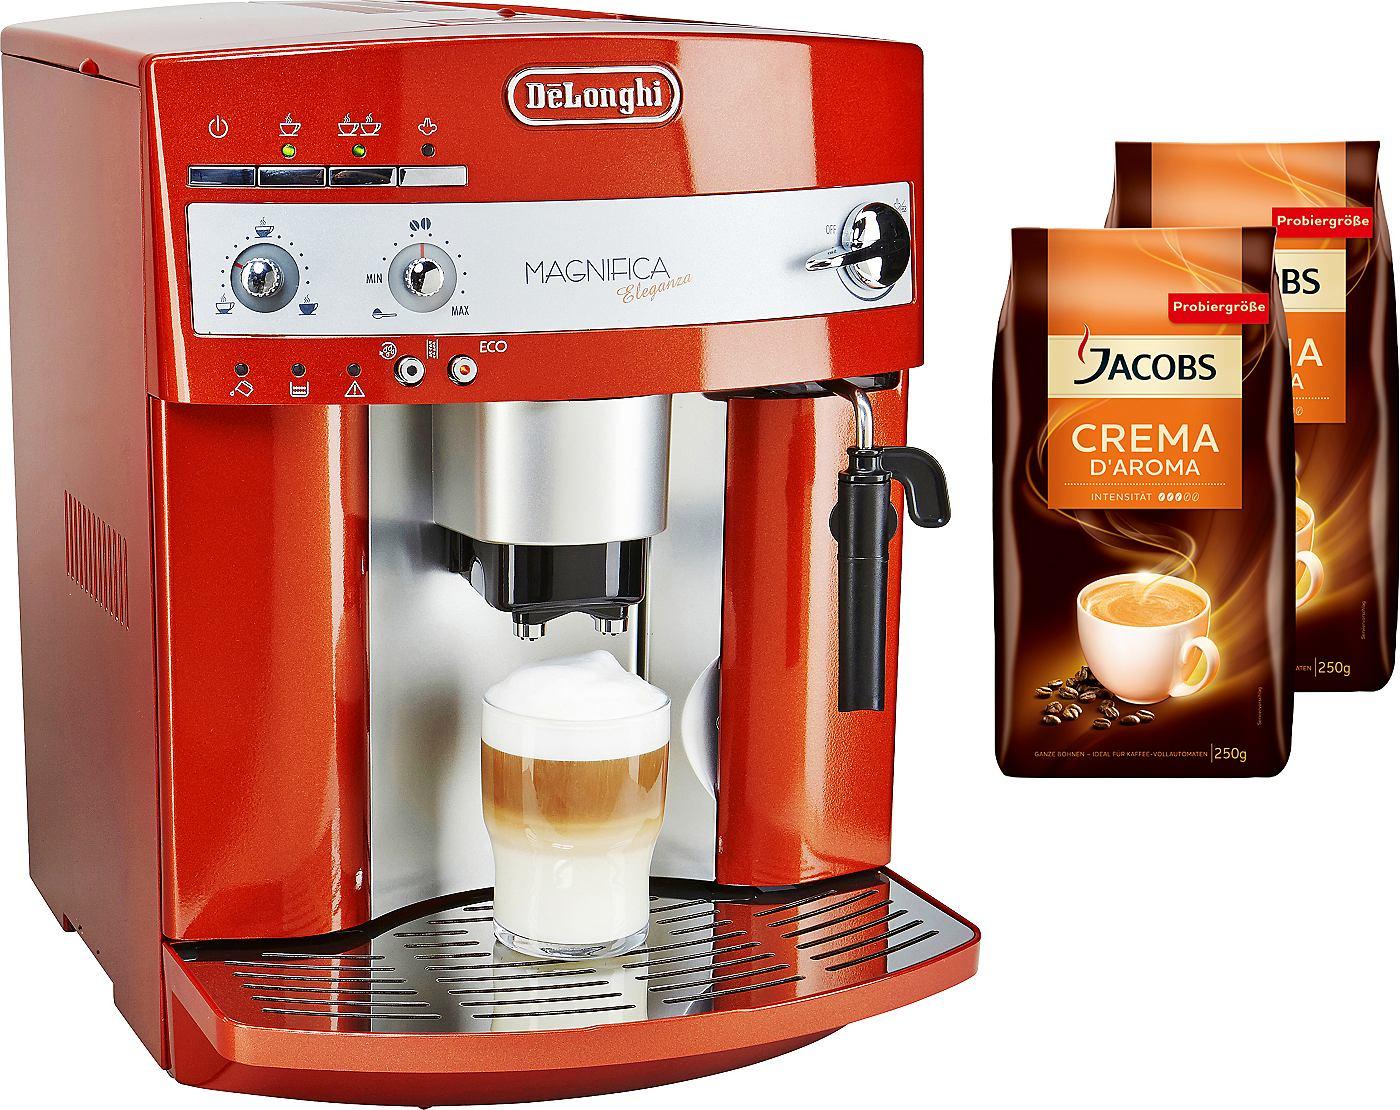 DeLonghi ESAM 3200 S Magnifica Kaffee-Vollautomat Magnifica